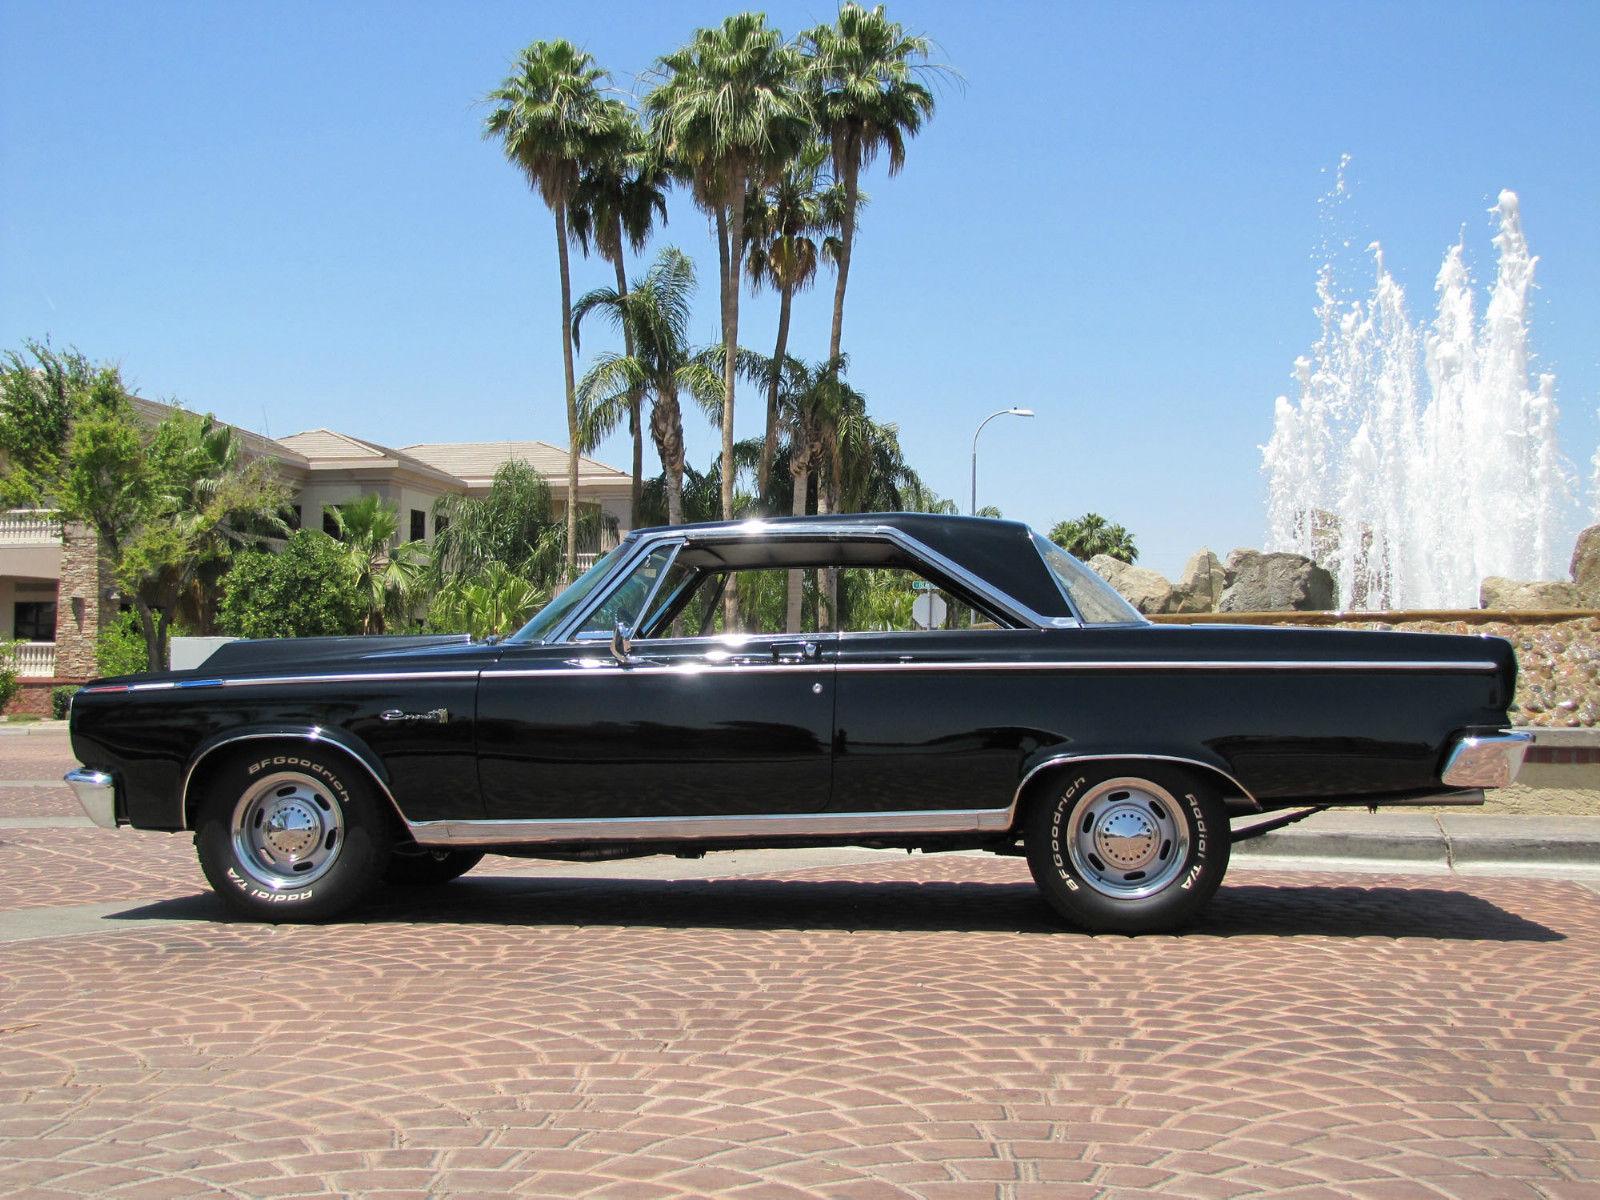 4 Door Coronet 1965 Dodge